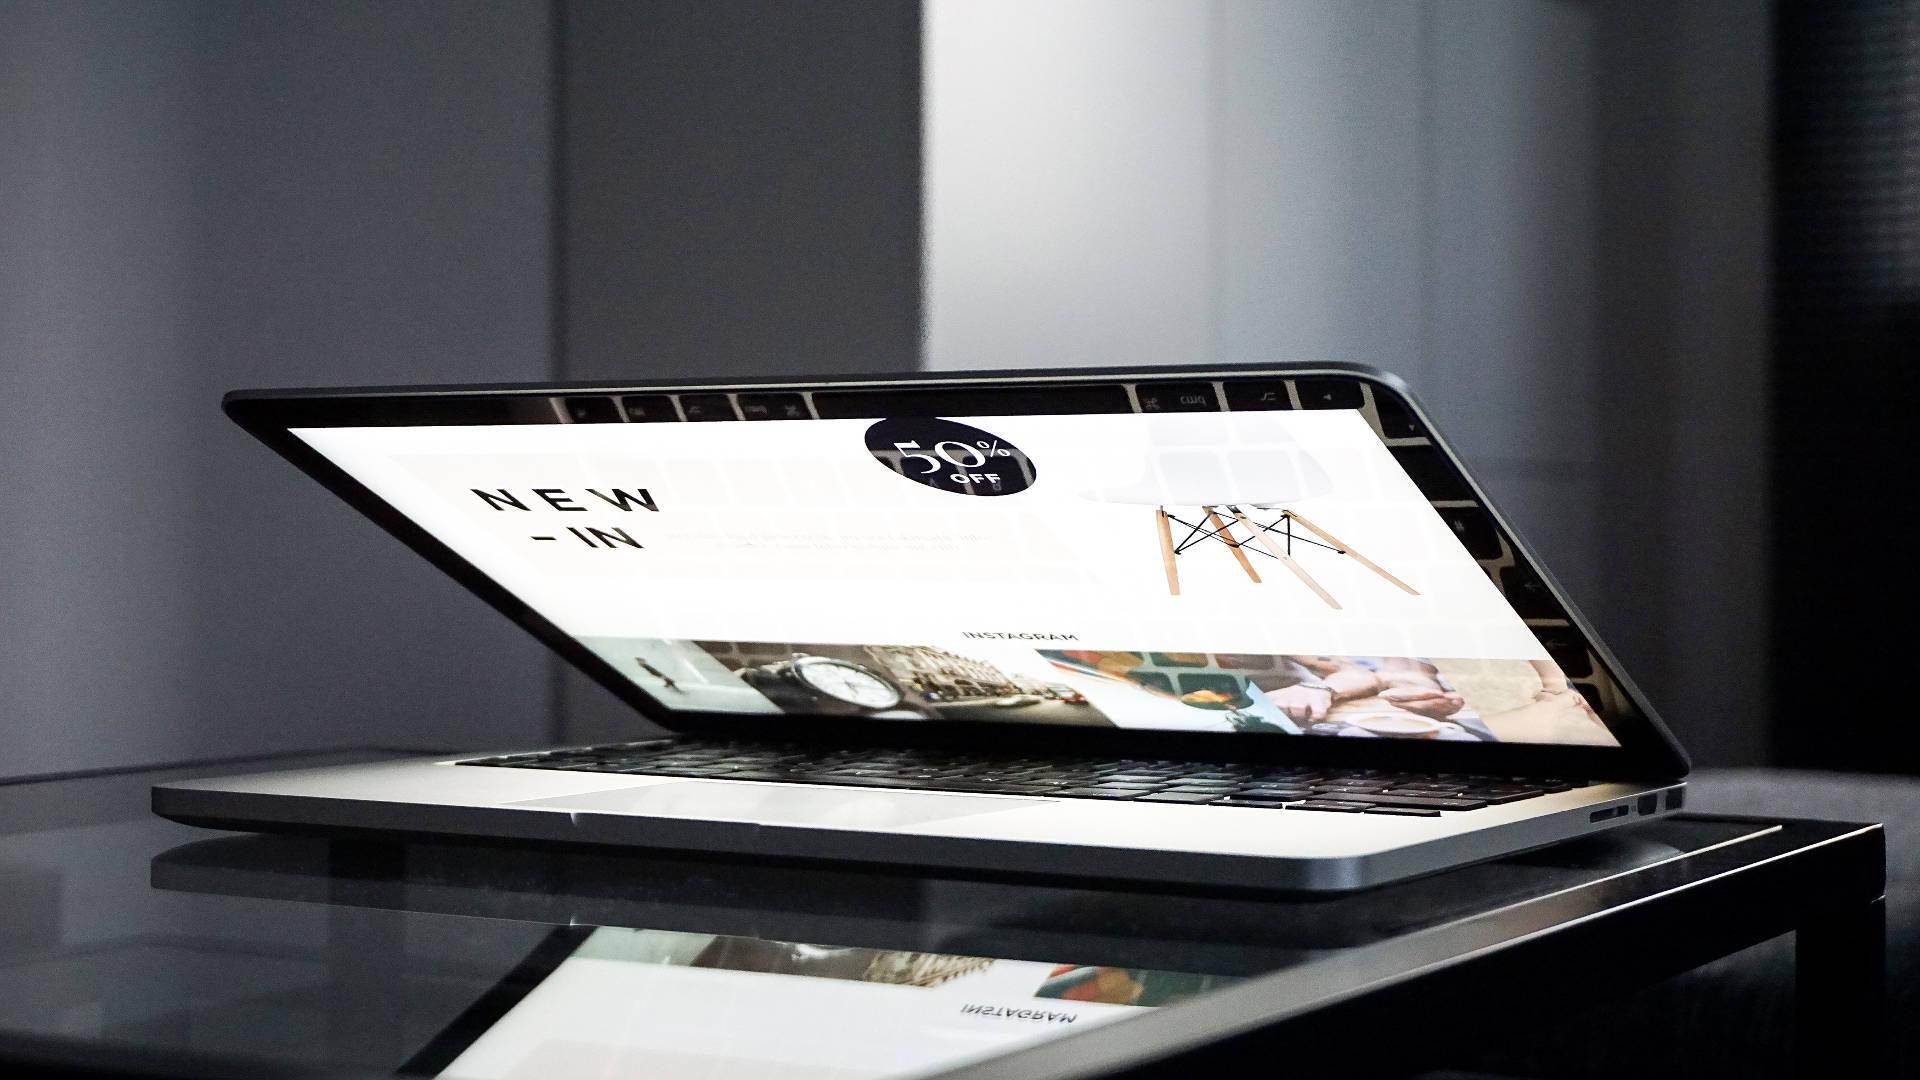 営業マネージャーが参考にしたい営業に特化したWebメディア10選 | Senses Lab. | アイキャッチ画像